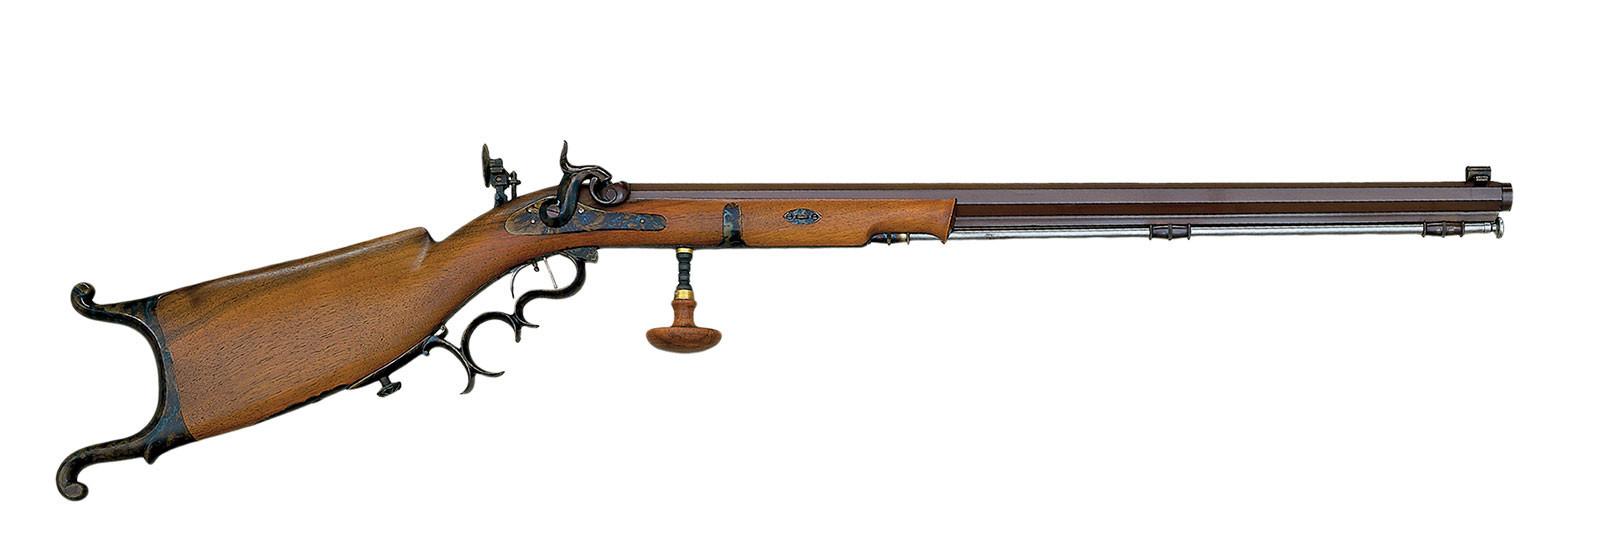 Bristlen morges rifle  44 c.